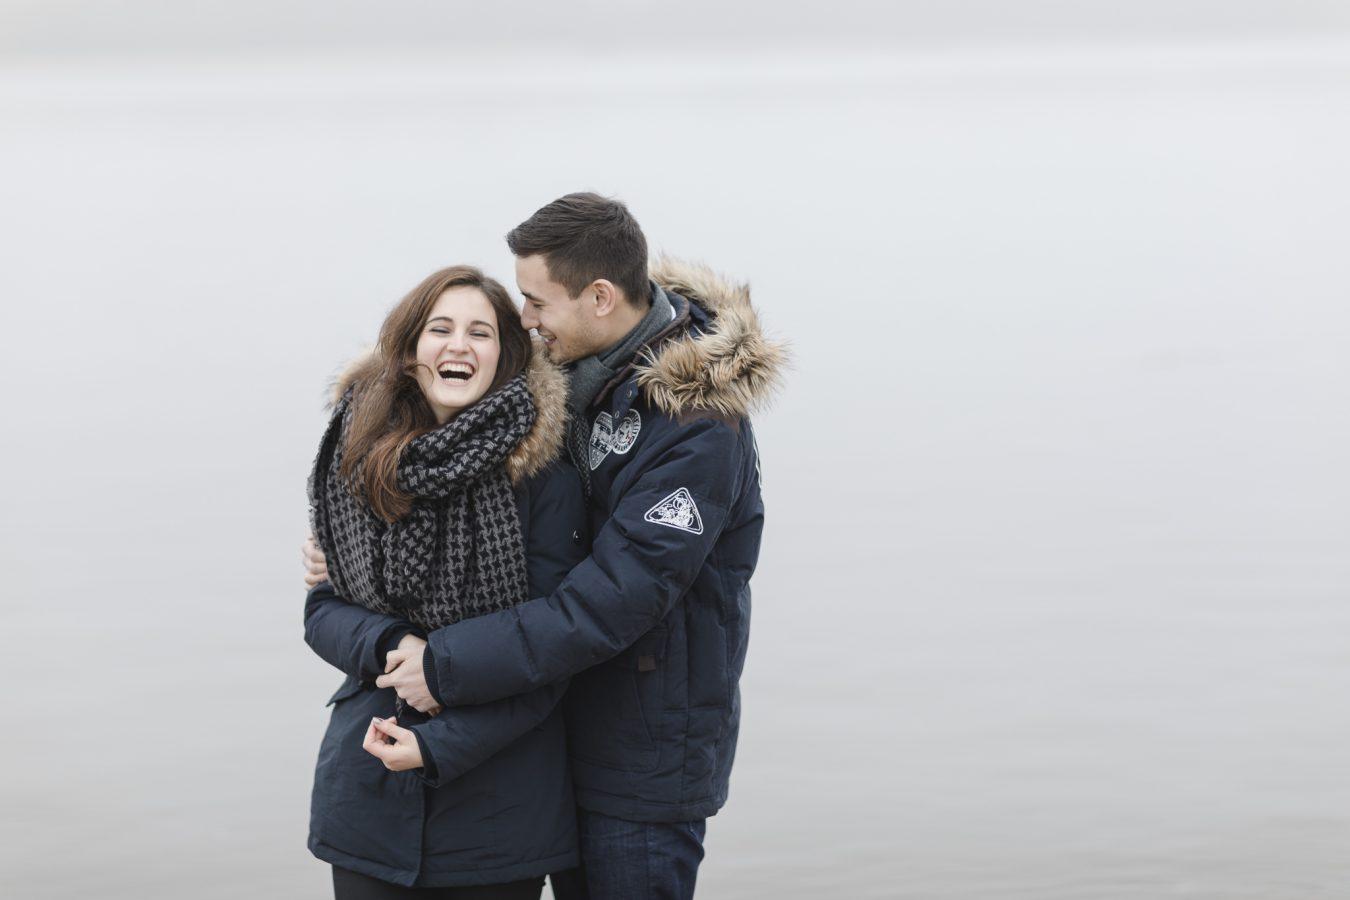 Paarshooting Hamburg - Paar in dicken Jacken lacht herzhaft